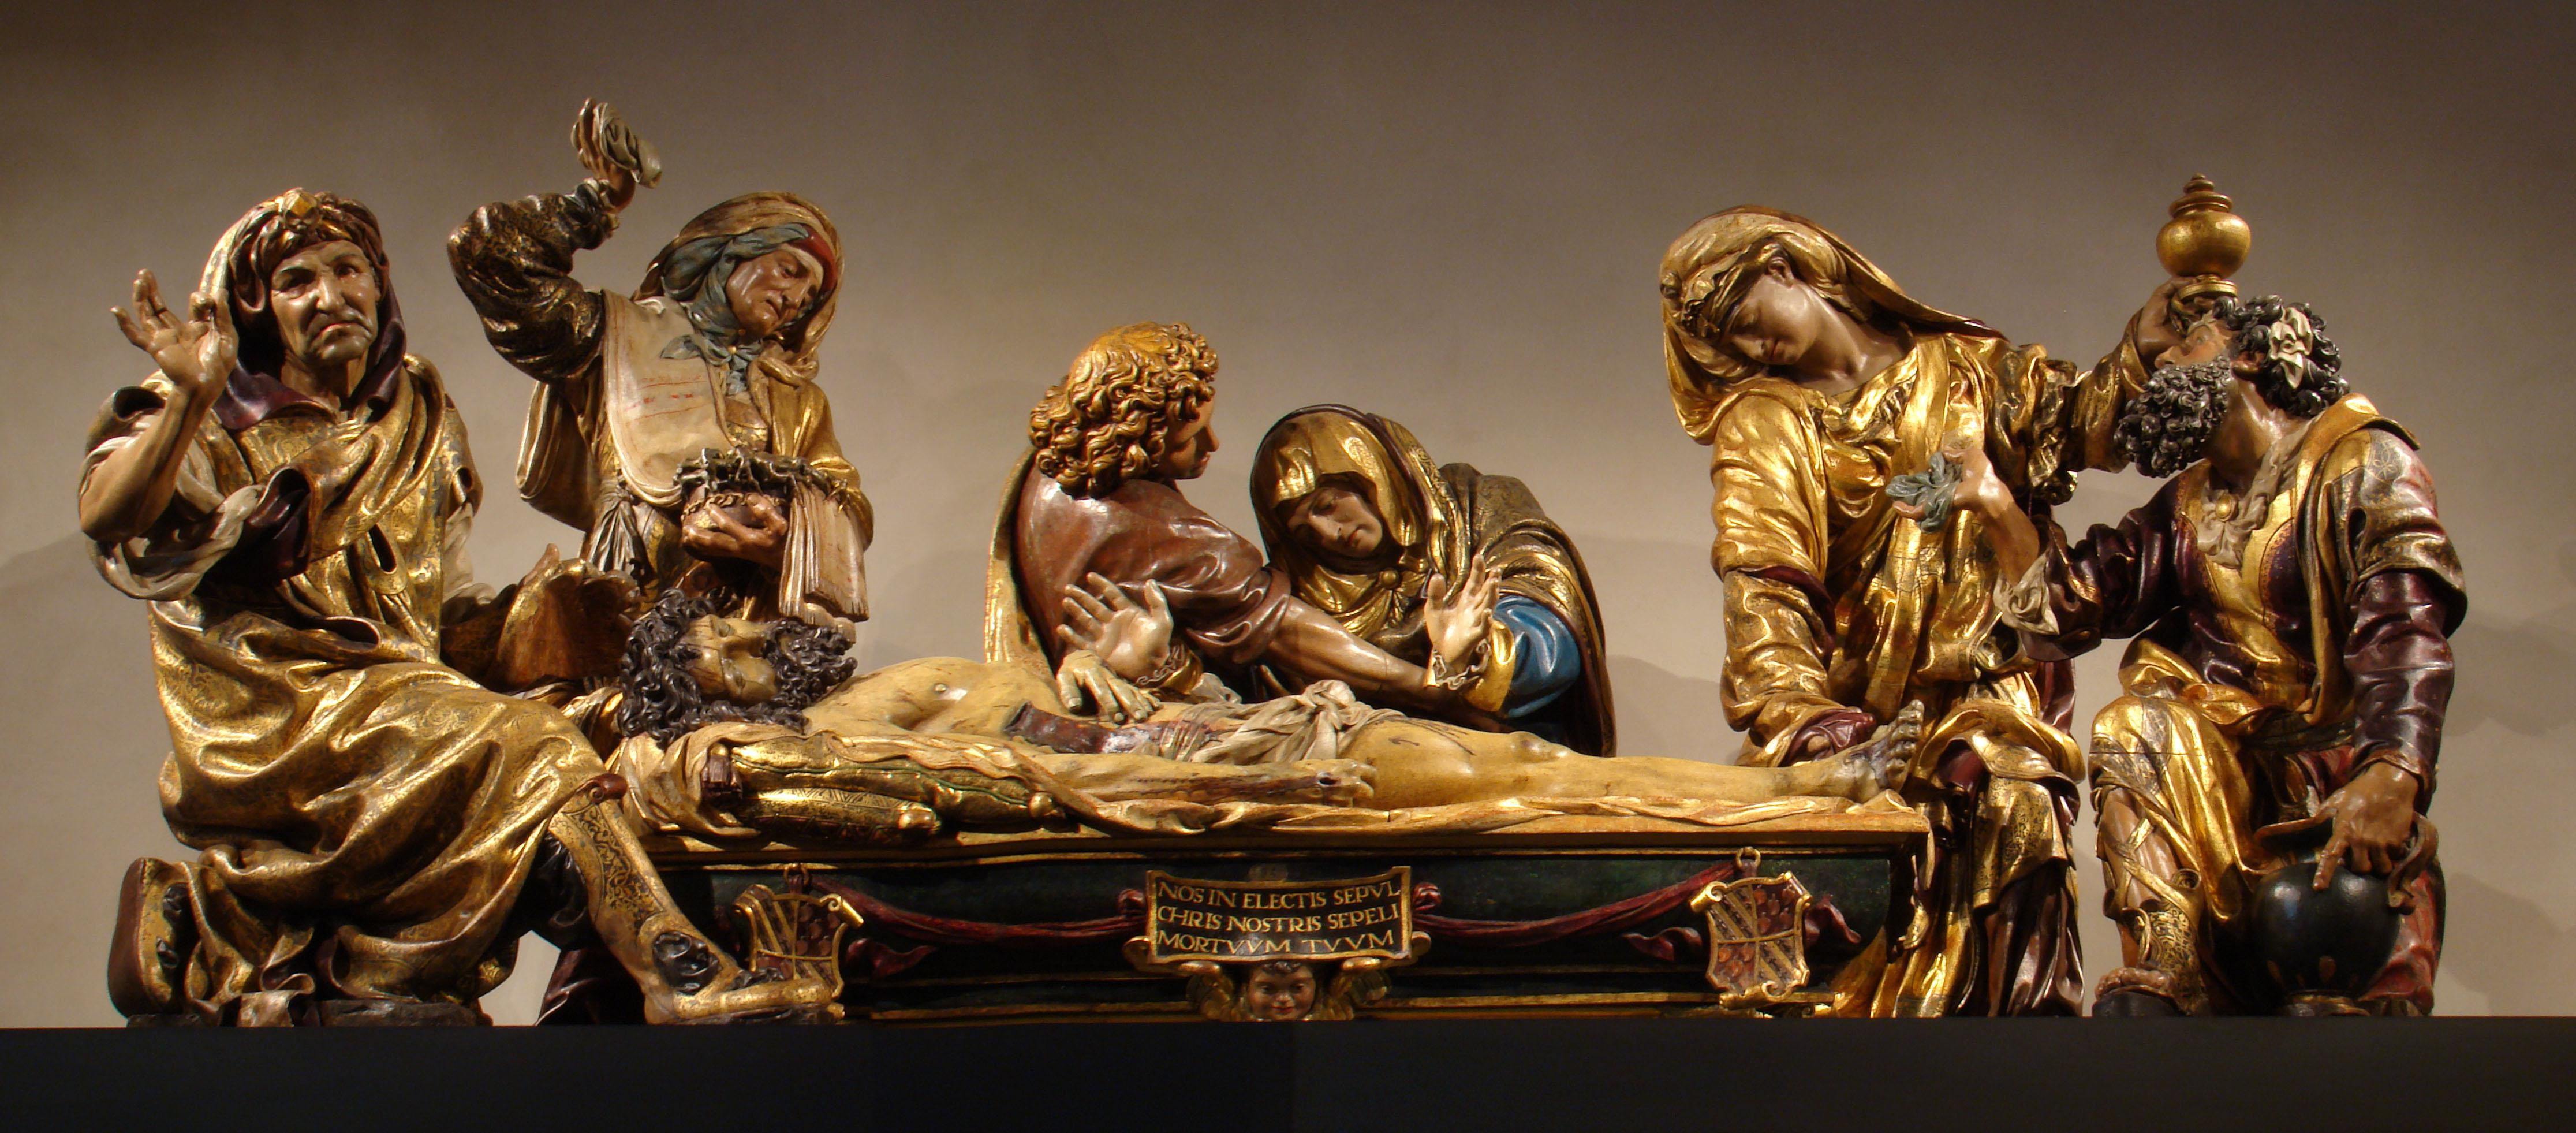 Juan de Juni FileValladolid museo escultura Santo Entierro de Juan de